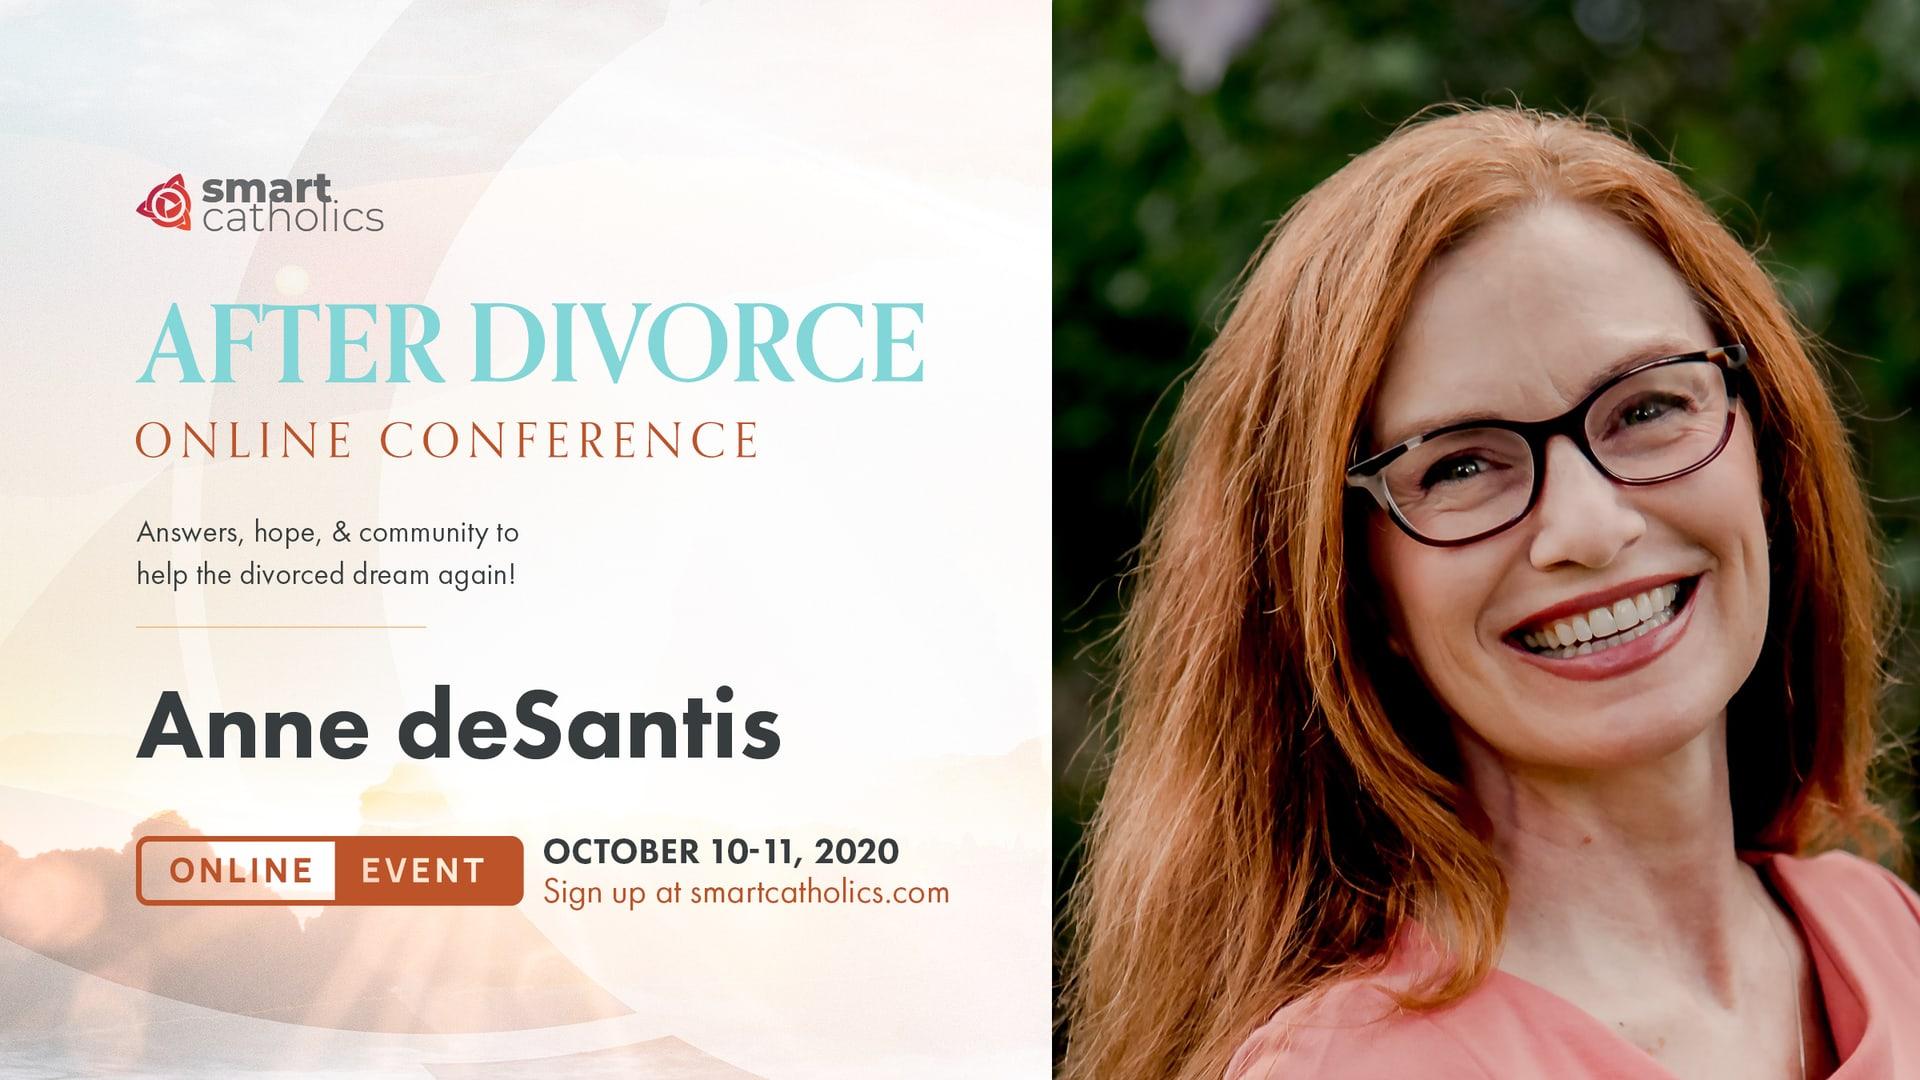 Anne deSantis - 'After Divorce' 2020 Conference